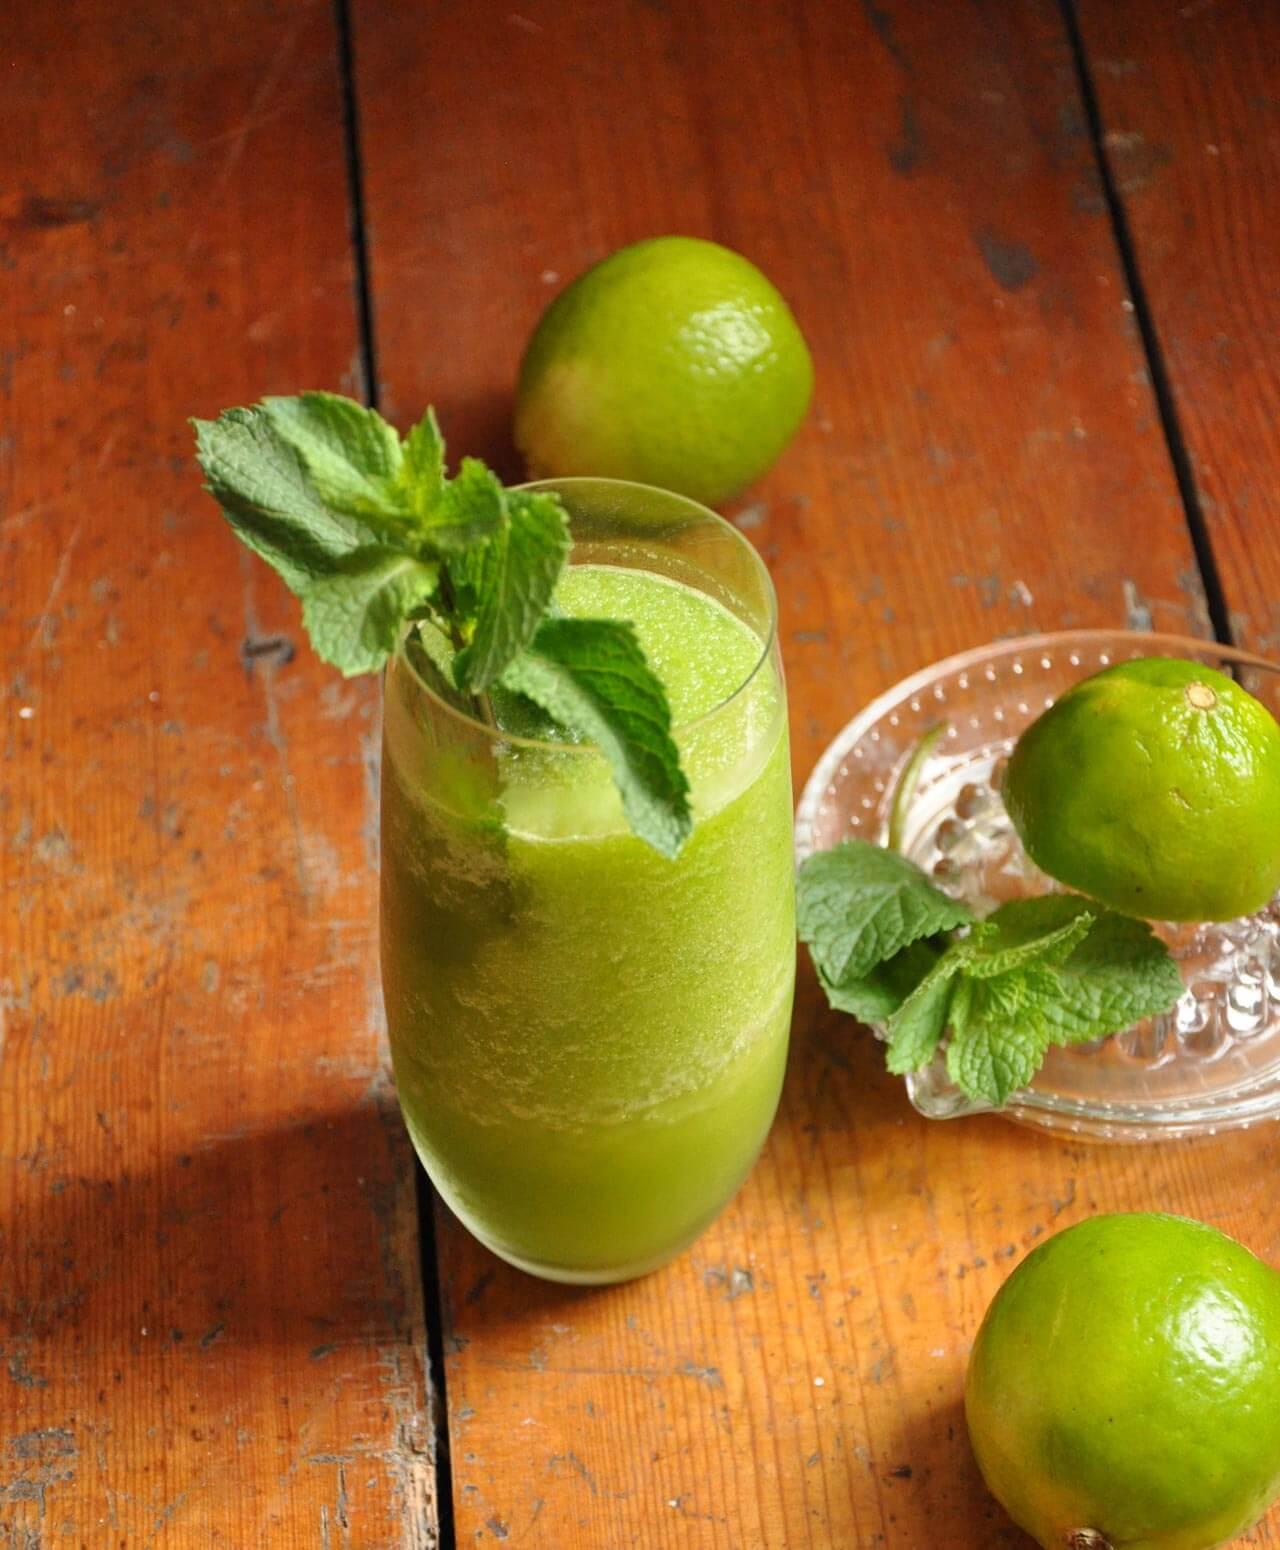 はちみつと緑茶!?ハワイの養蜂家に教わる絶品ドリンクレシピ